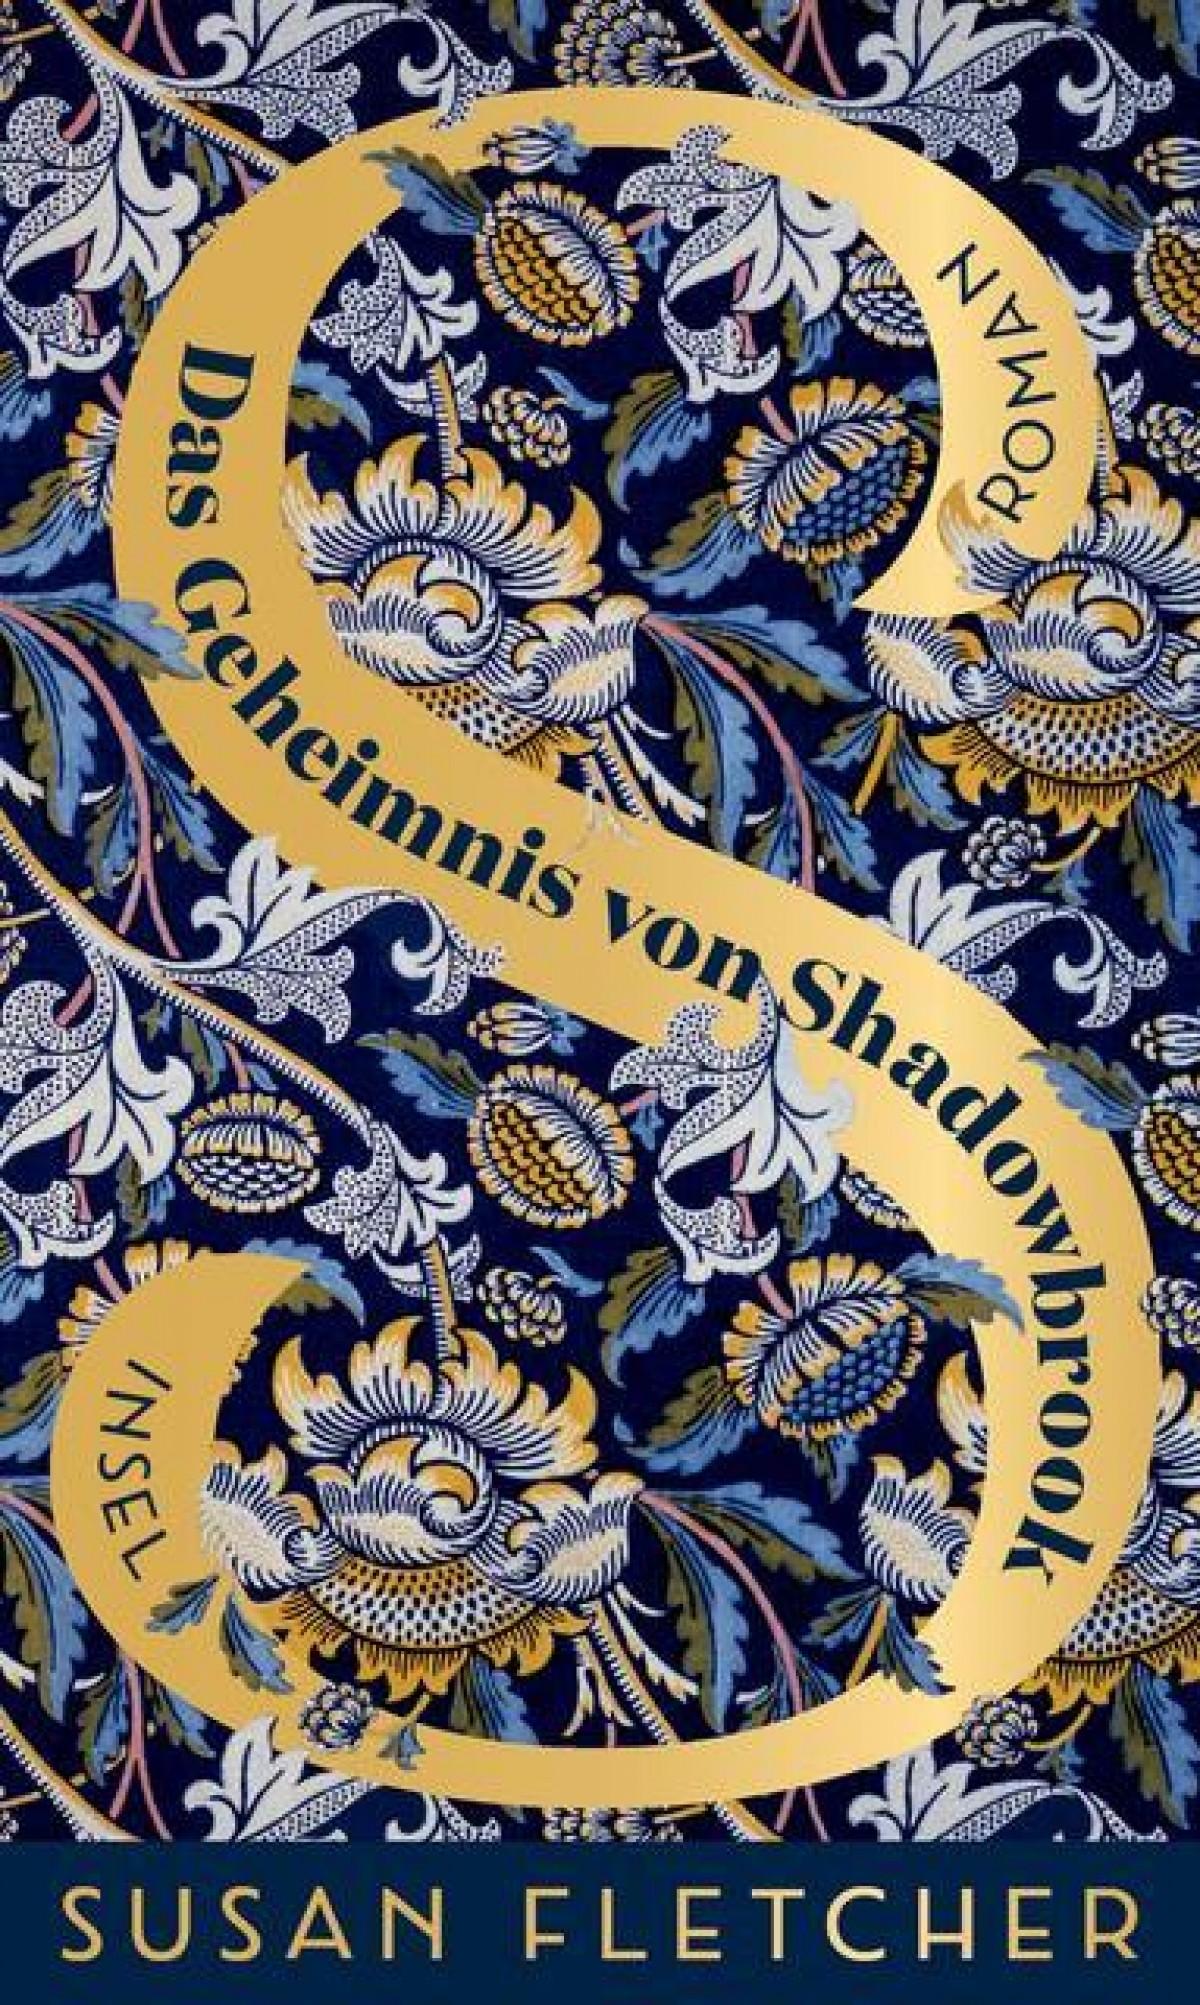 Buch Susan Fletcher, Das Geheimnis von Shadowbrook